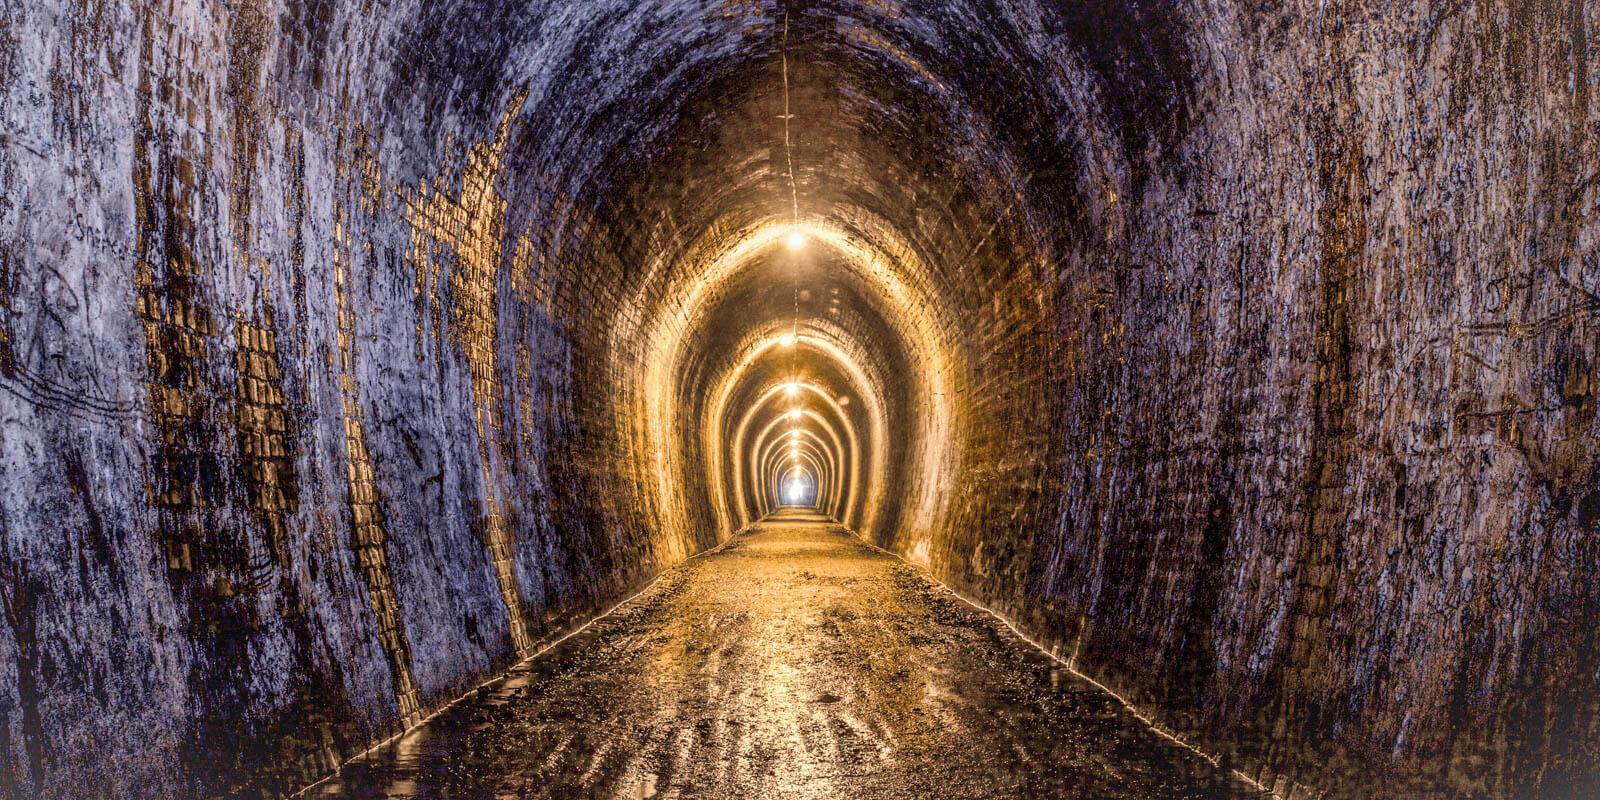 Ein langer Tunnel mit Lichtern an der Decke